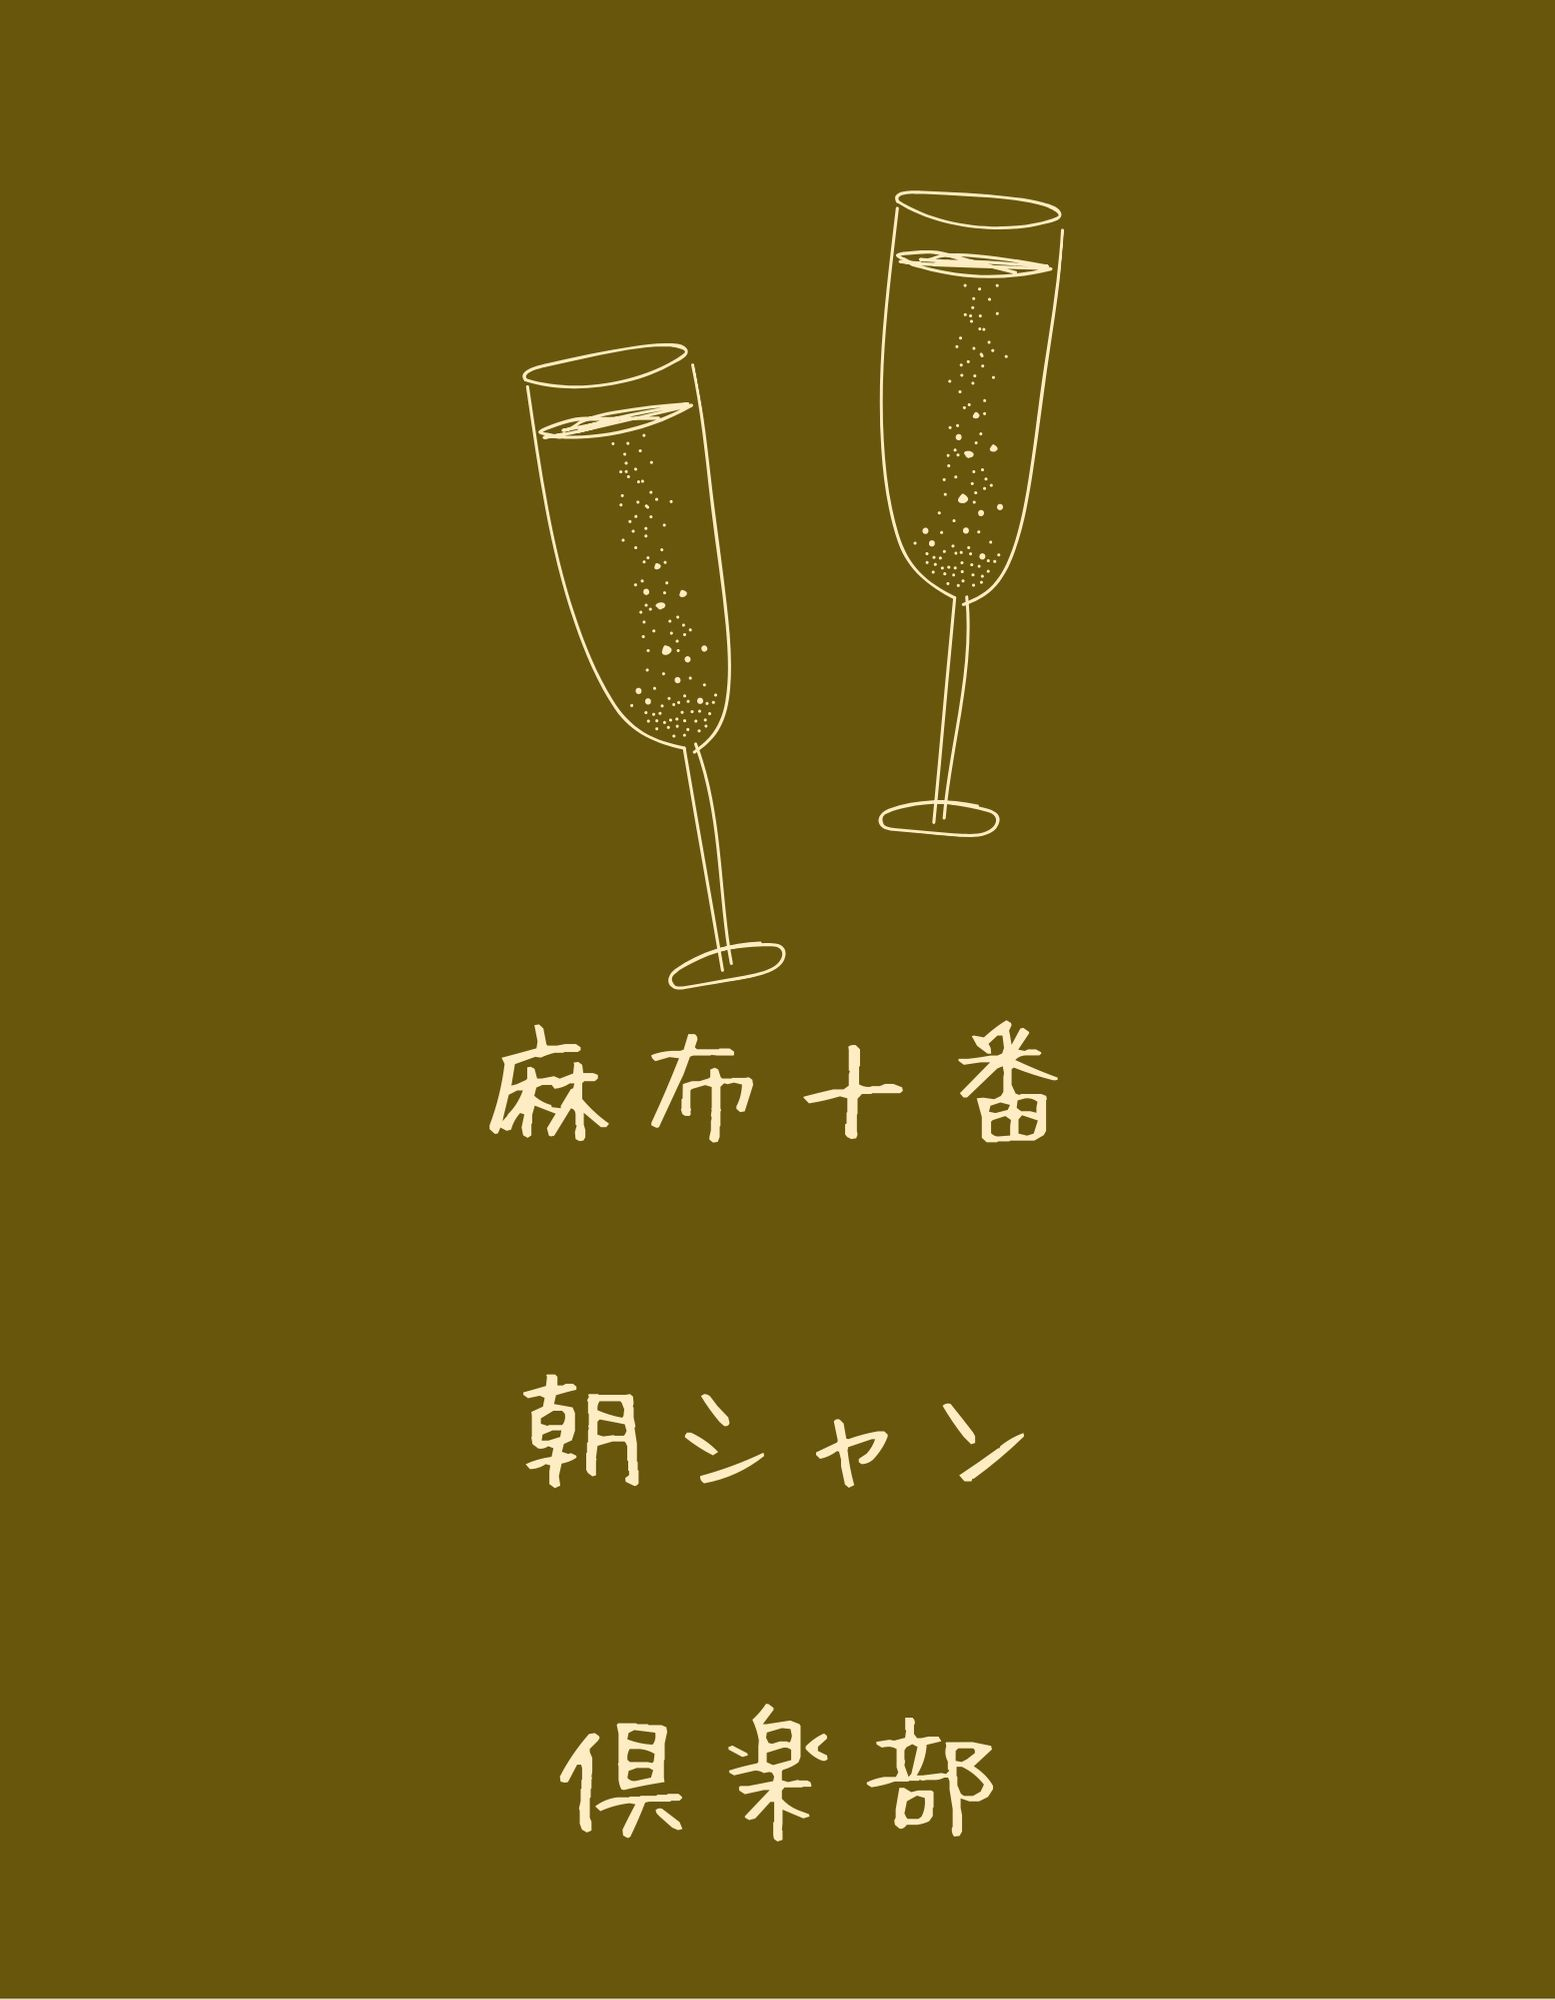 六本木 朝シャン 倶楽部